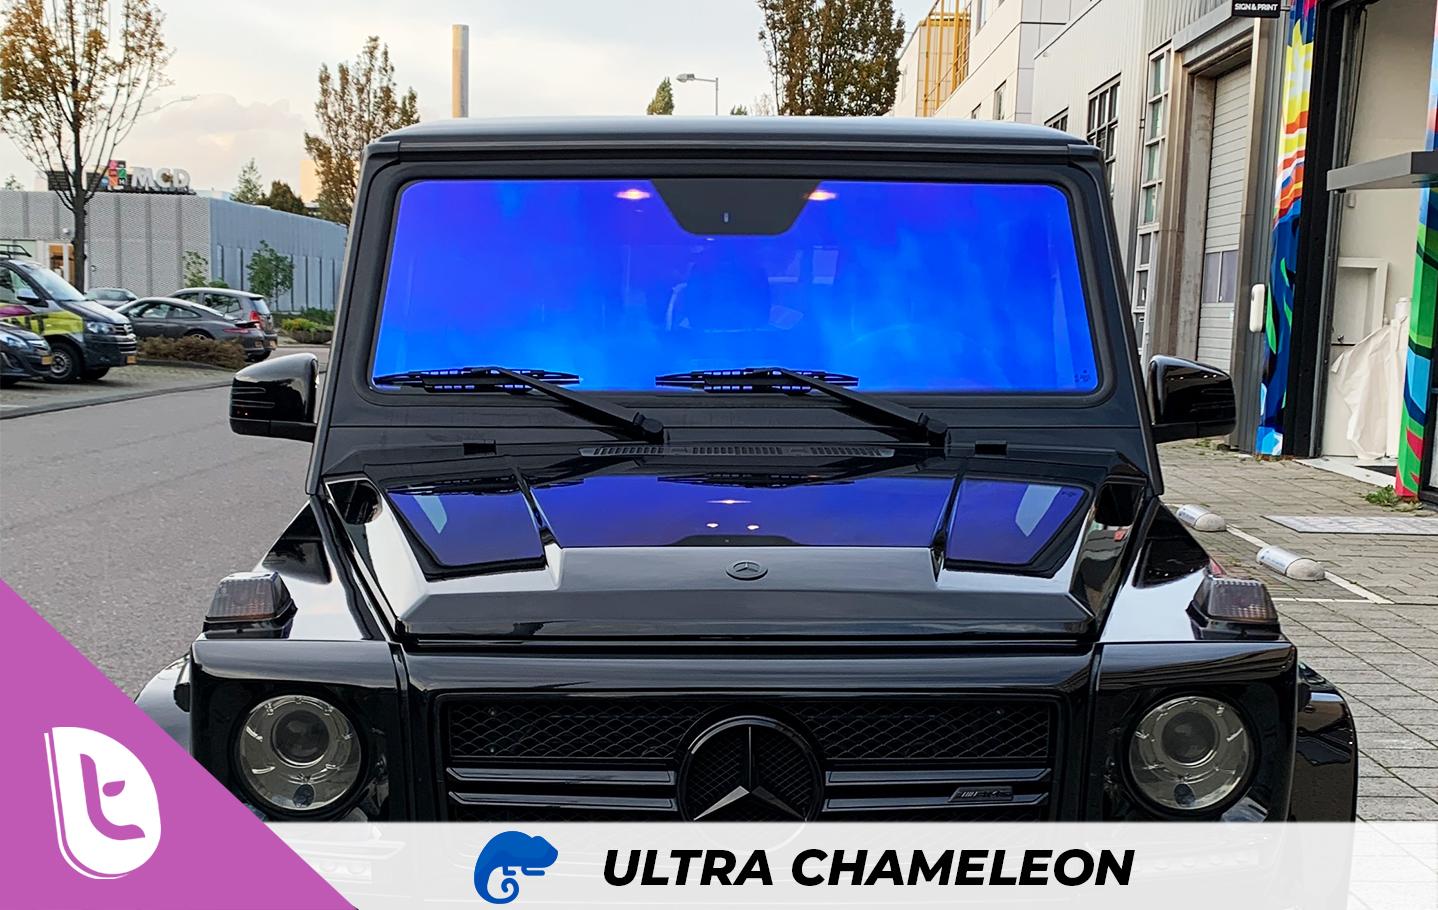 Mercedes G63 Ultra Chameleon raamfolie